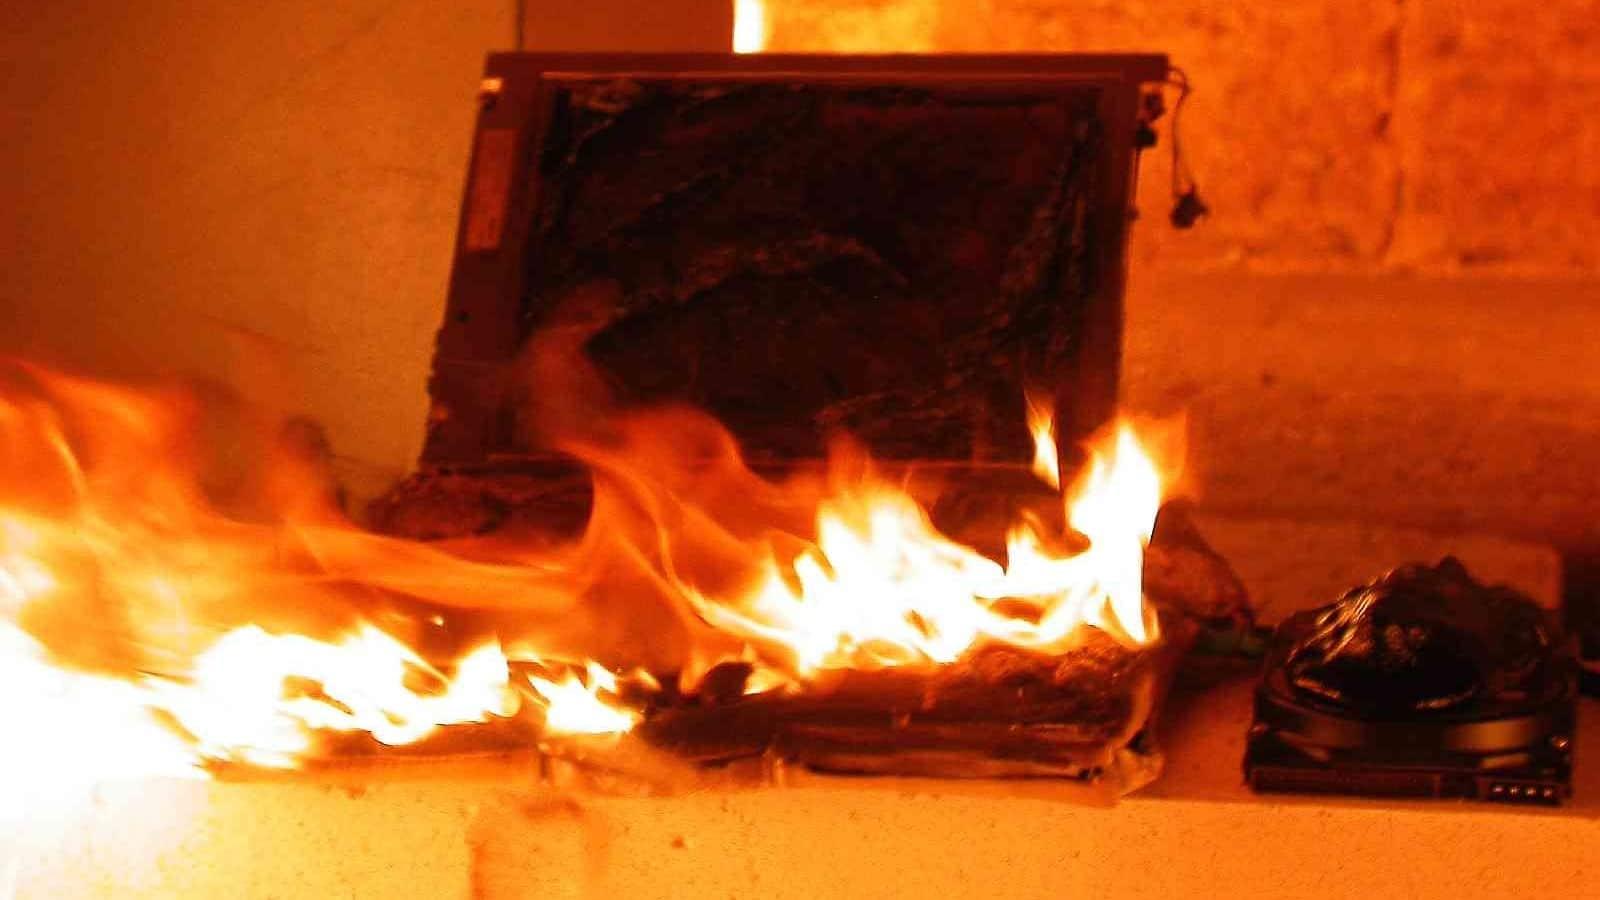 macbook pro on fire